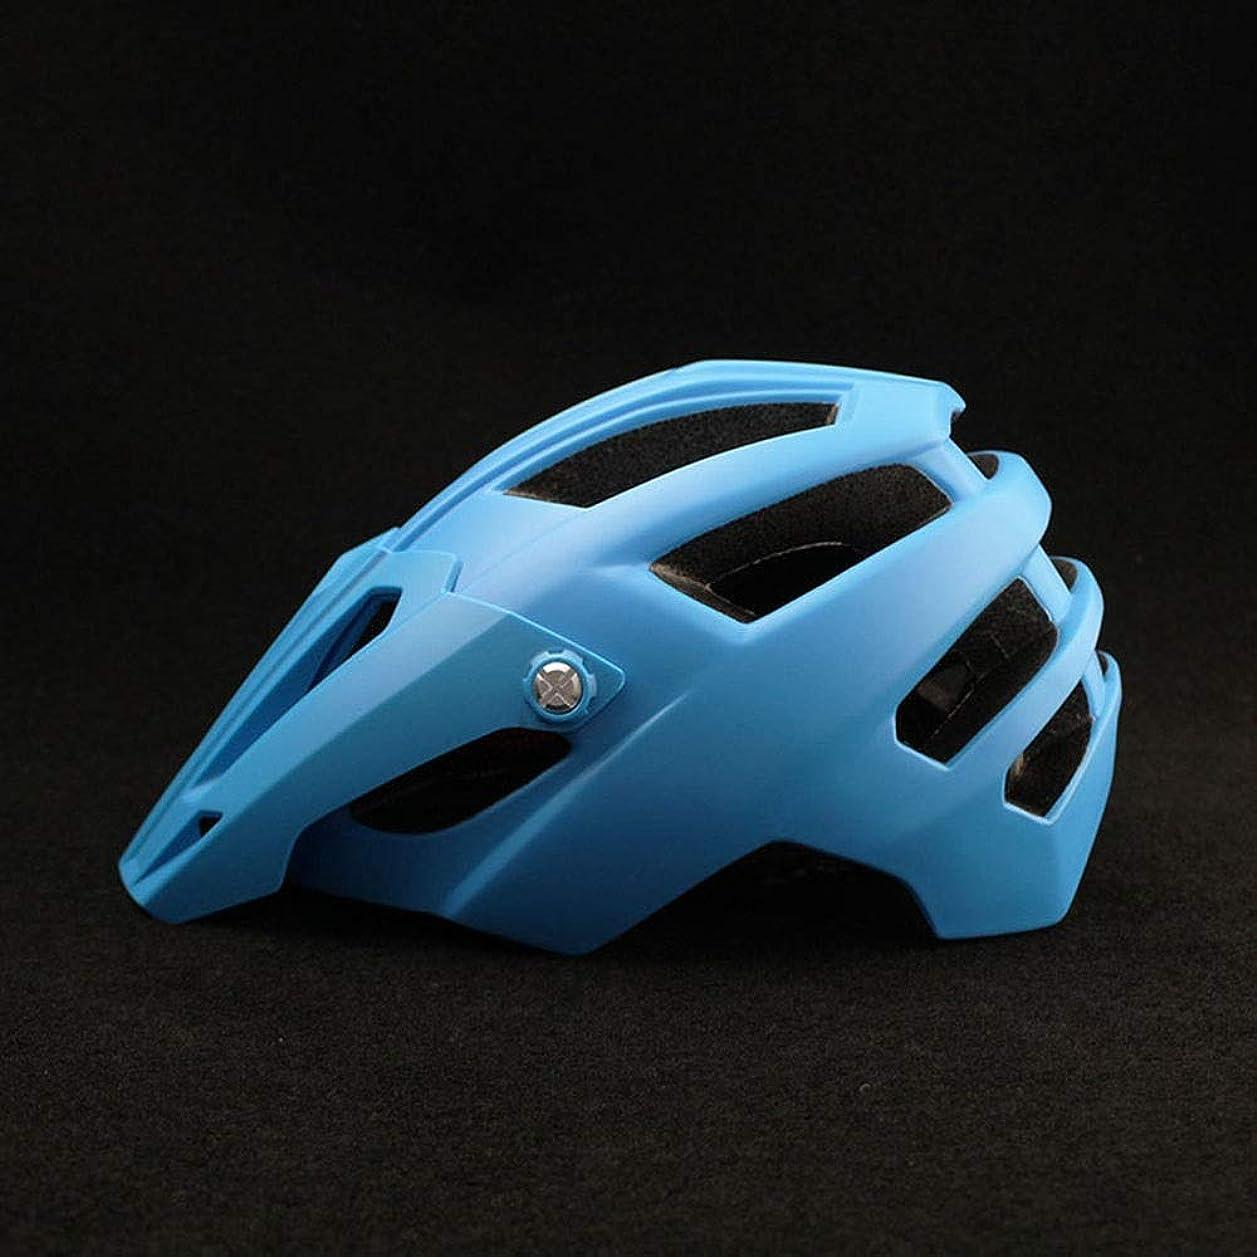 観点ラッチスリラーEnjoyment サイクリングヘルメット男性用自転車用ヘルメット女性用自転車用ヘルメット通気性快適な大人用マウンテンバイク用ヘルメット Luxury (色 : Blue)